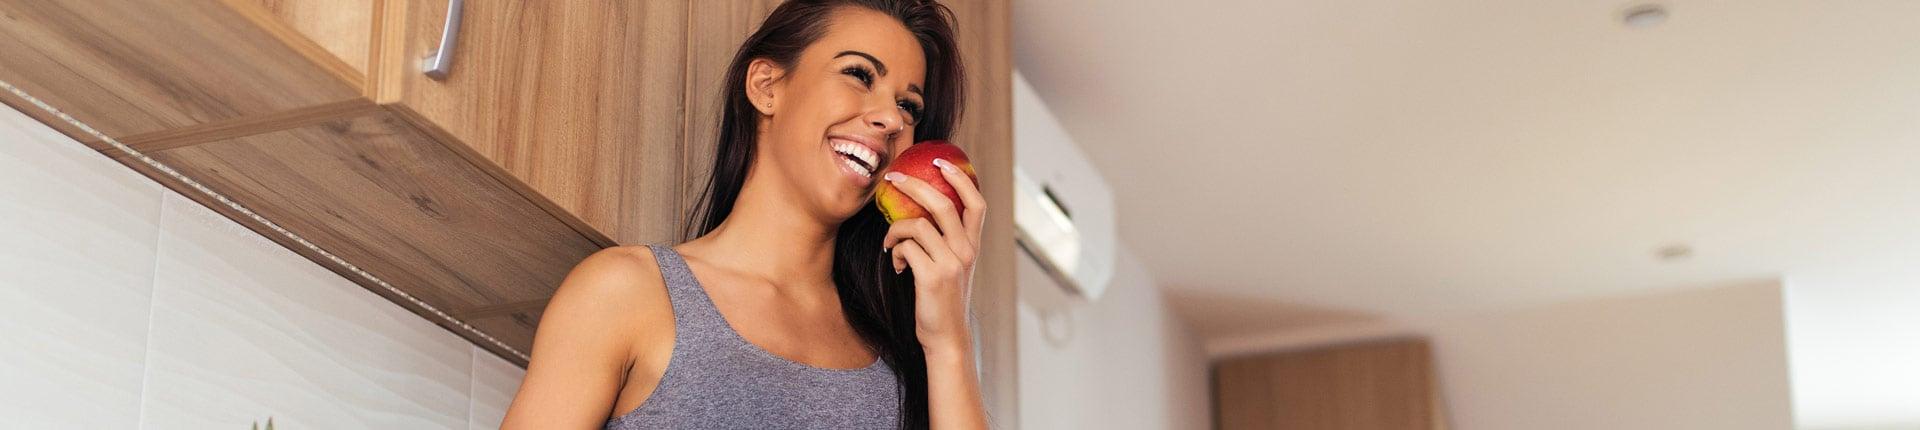 Ile posiłków dziennie? Najlepsze strategie dla zdrowia i odchudzania